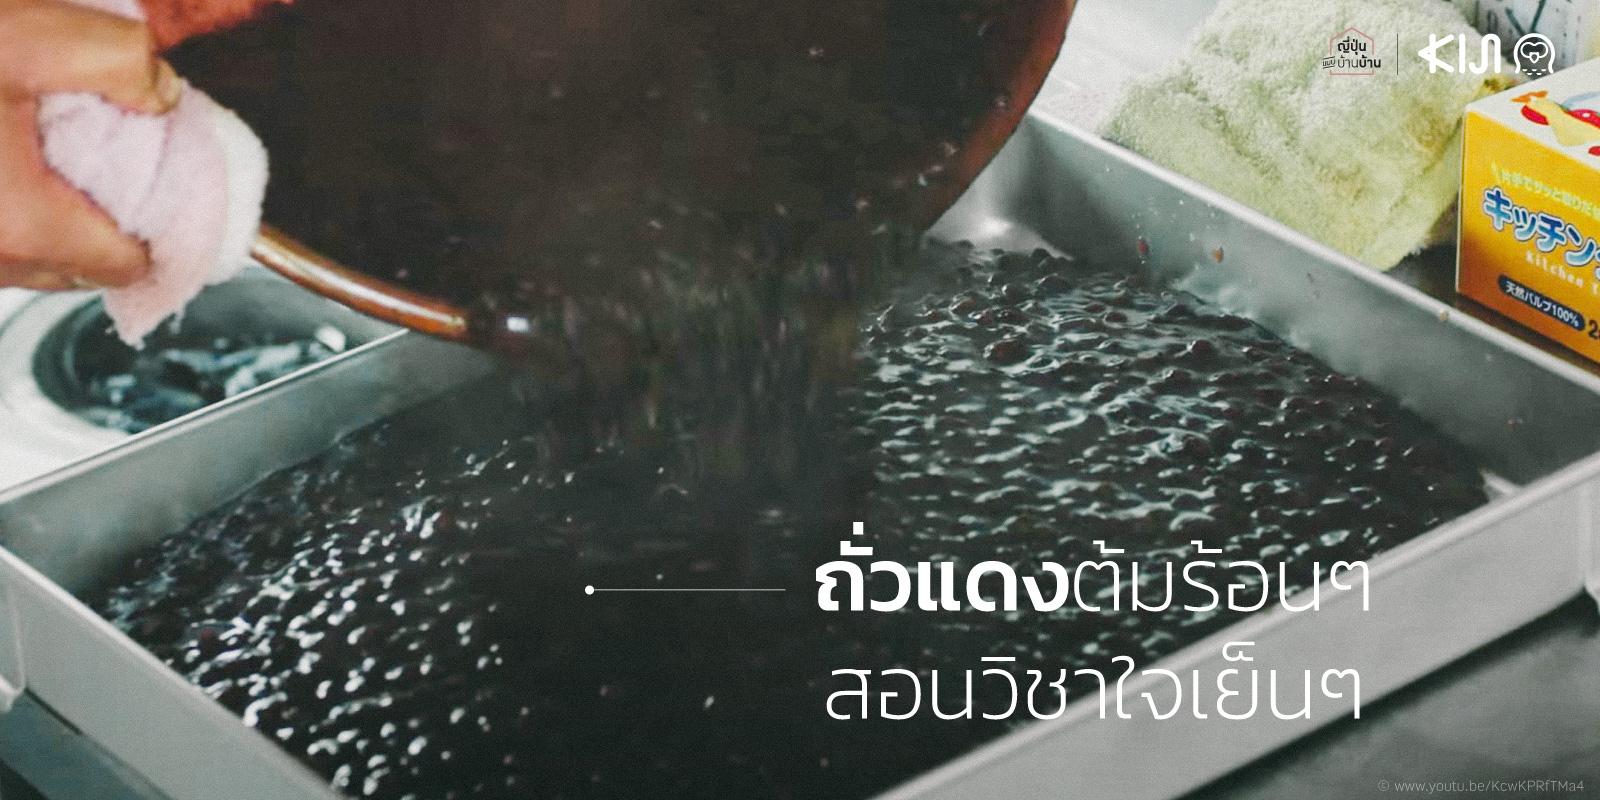 เรียนรู้วิธีทำ ถั่วแดงต้ม ร้อนๆ แสนอร่อย